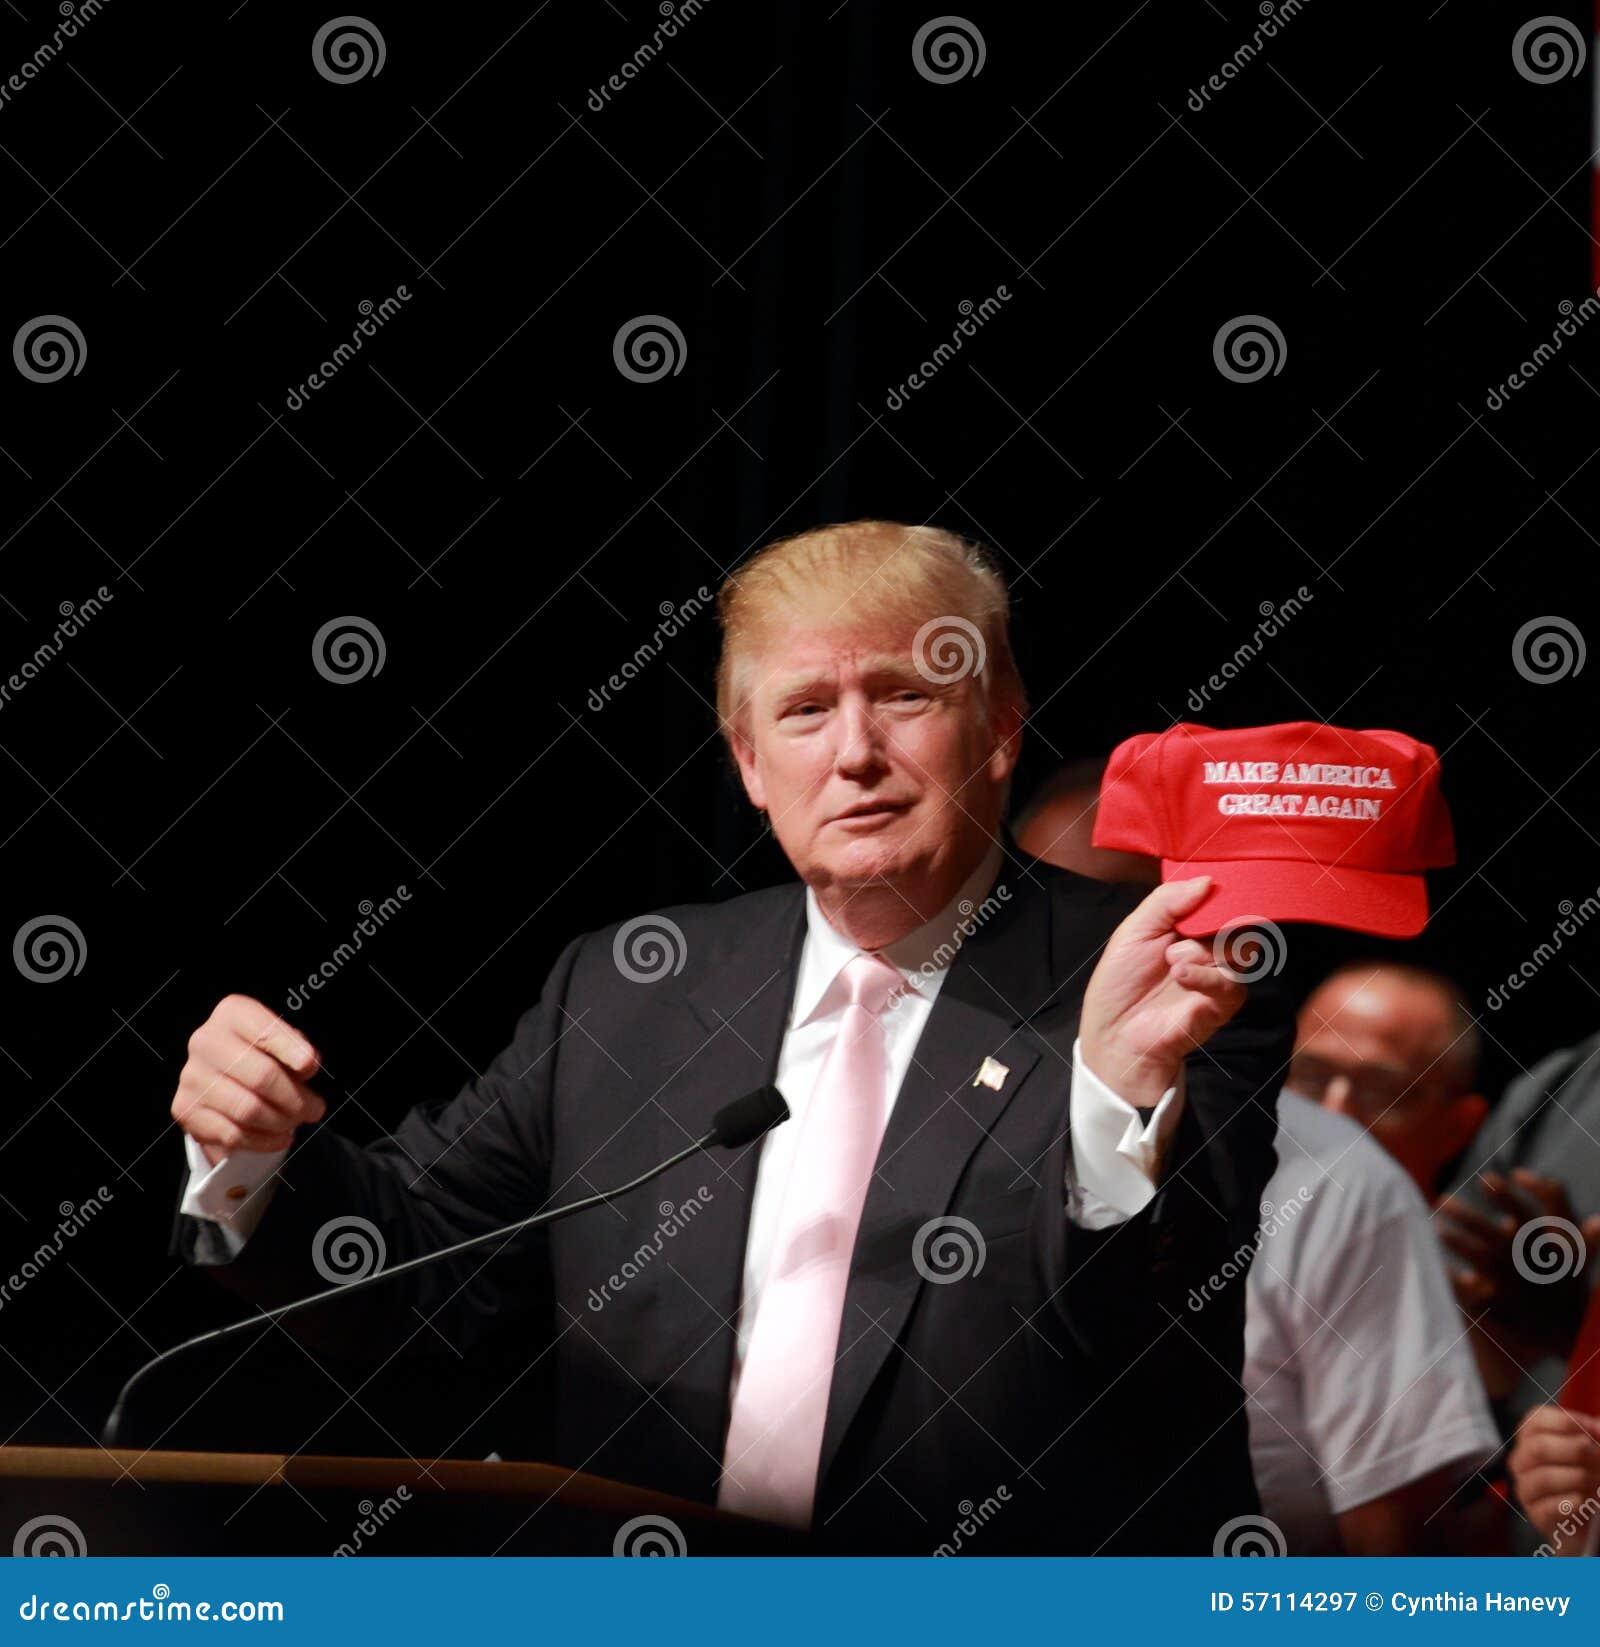 唐纳德・川普讲话在7月, 25日的竞选集会, 2015年,在Oskaloosa,衣阿华